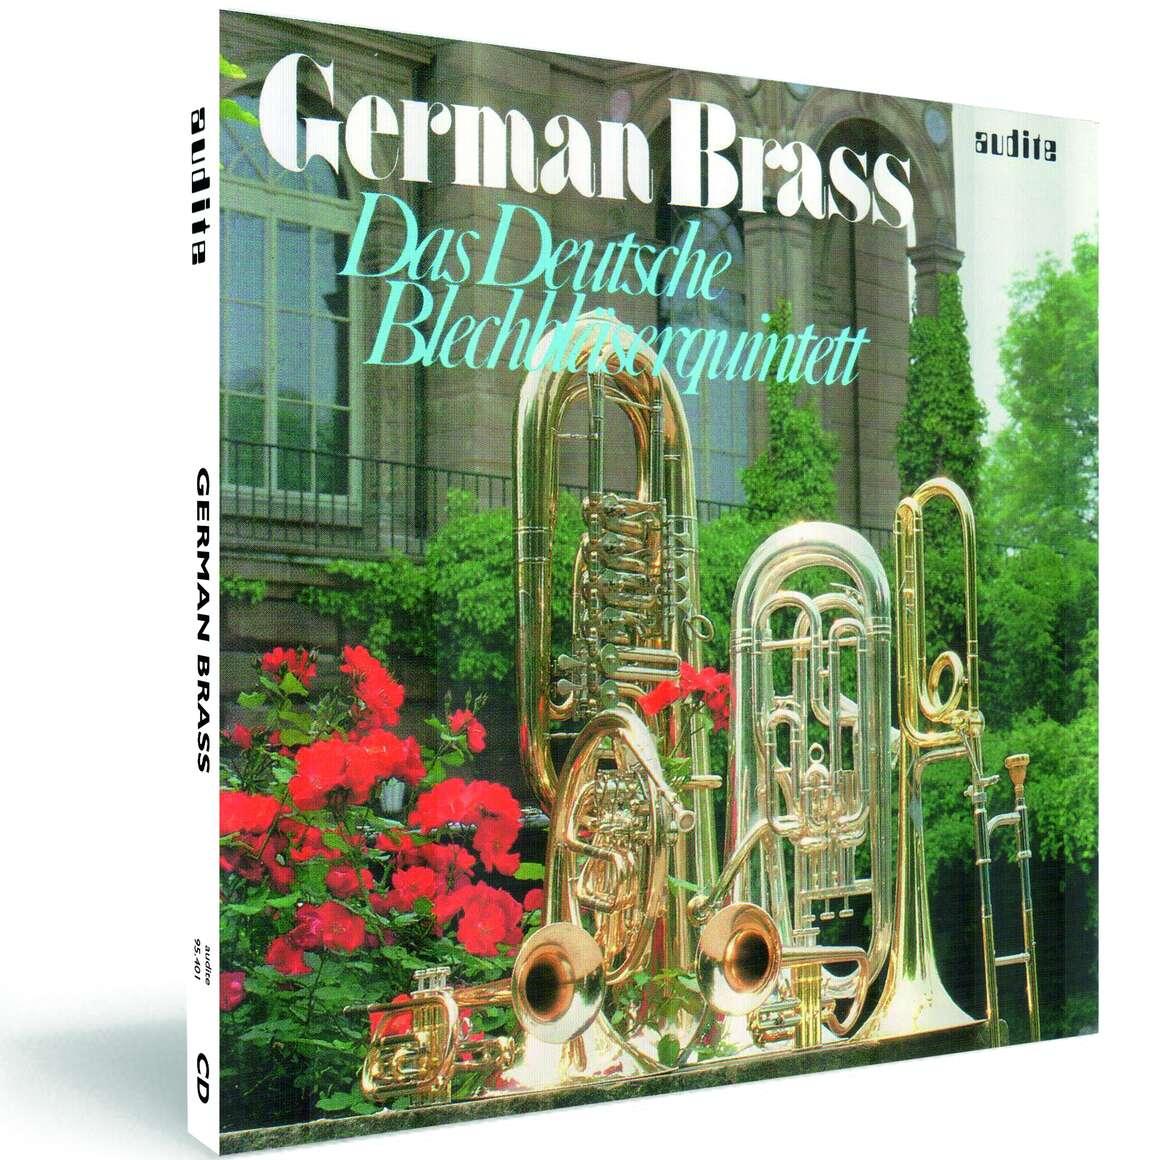 German Brass - Das Deutsche Blechbläserquintett